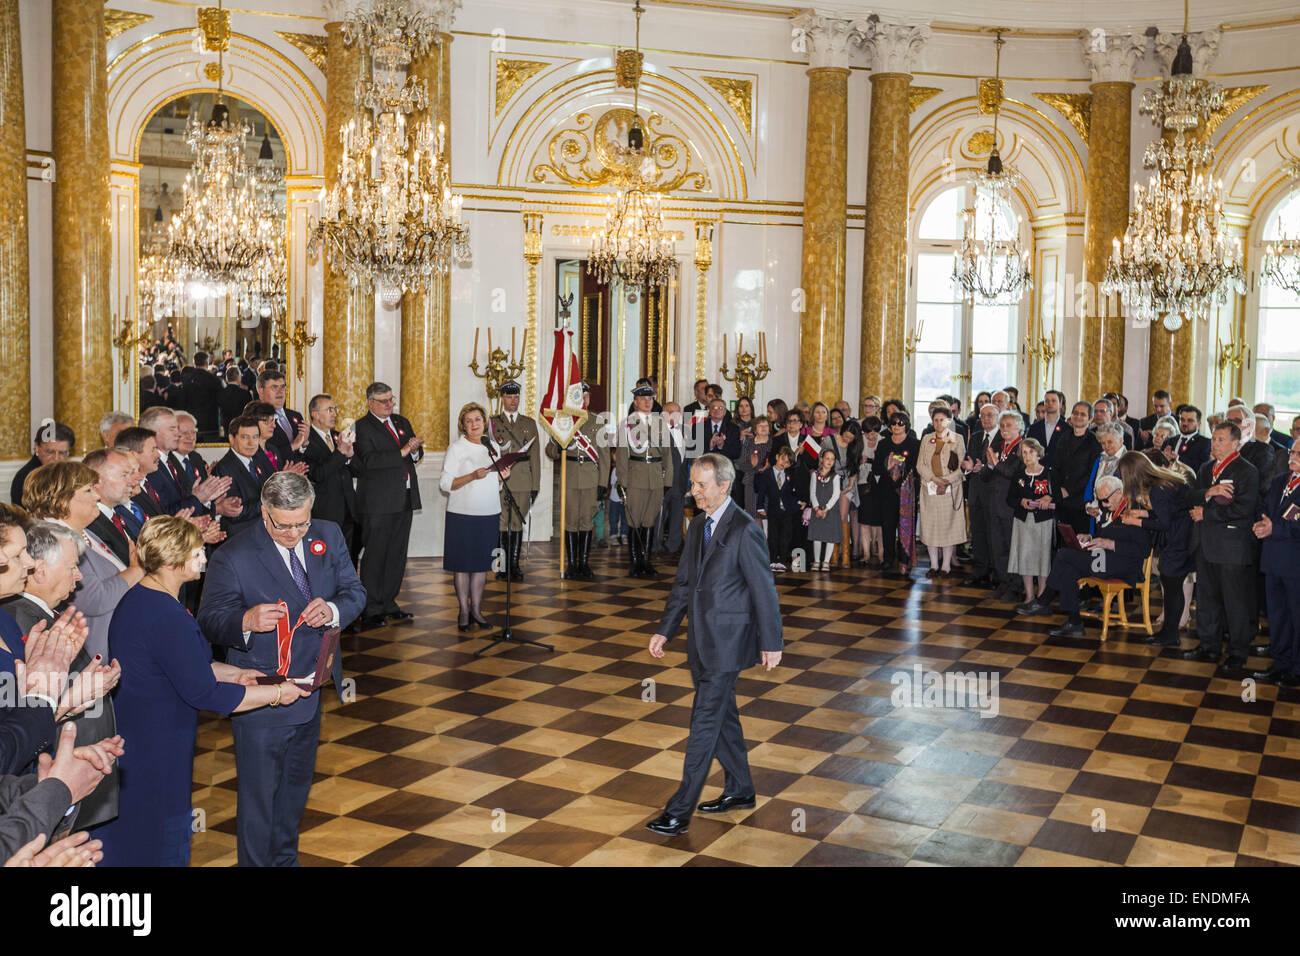 Warschau, Masowien, Polen. 3. Mai 2015. Präsident von Polen Bronislaw Komorowski, ehrt mit einer Medaille Persönlichkeiten Stockbild